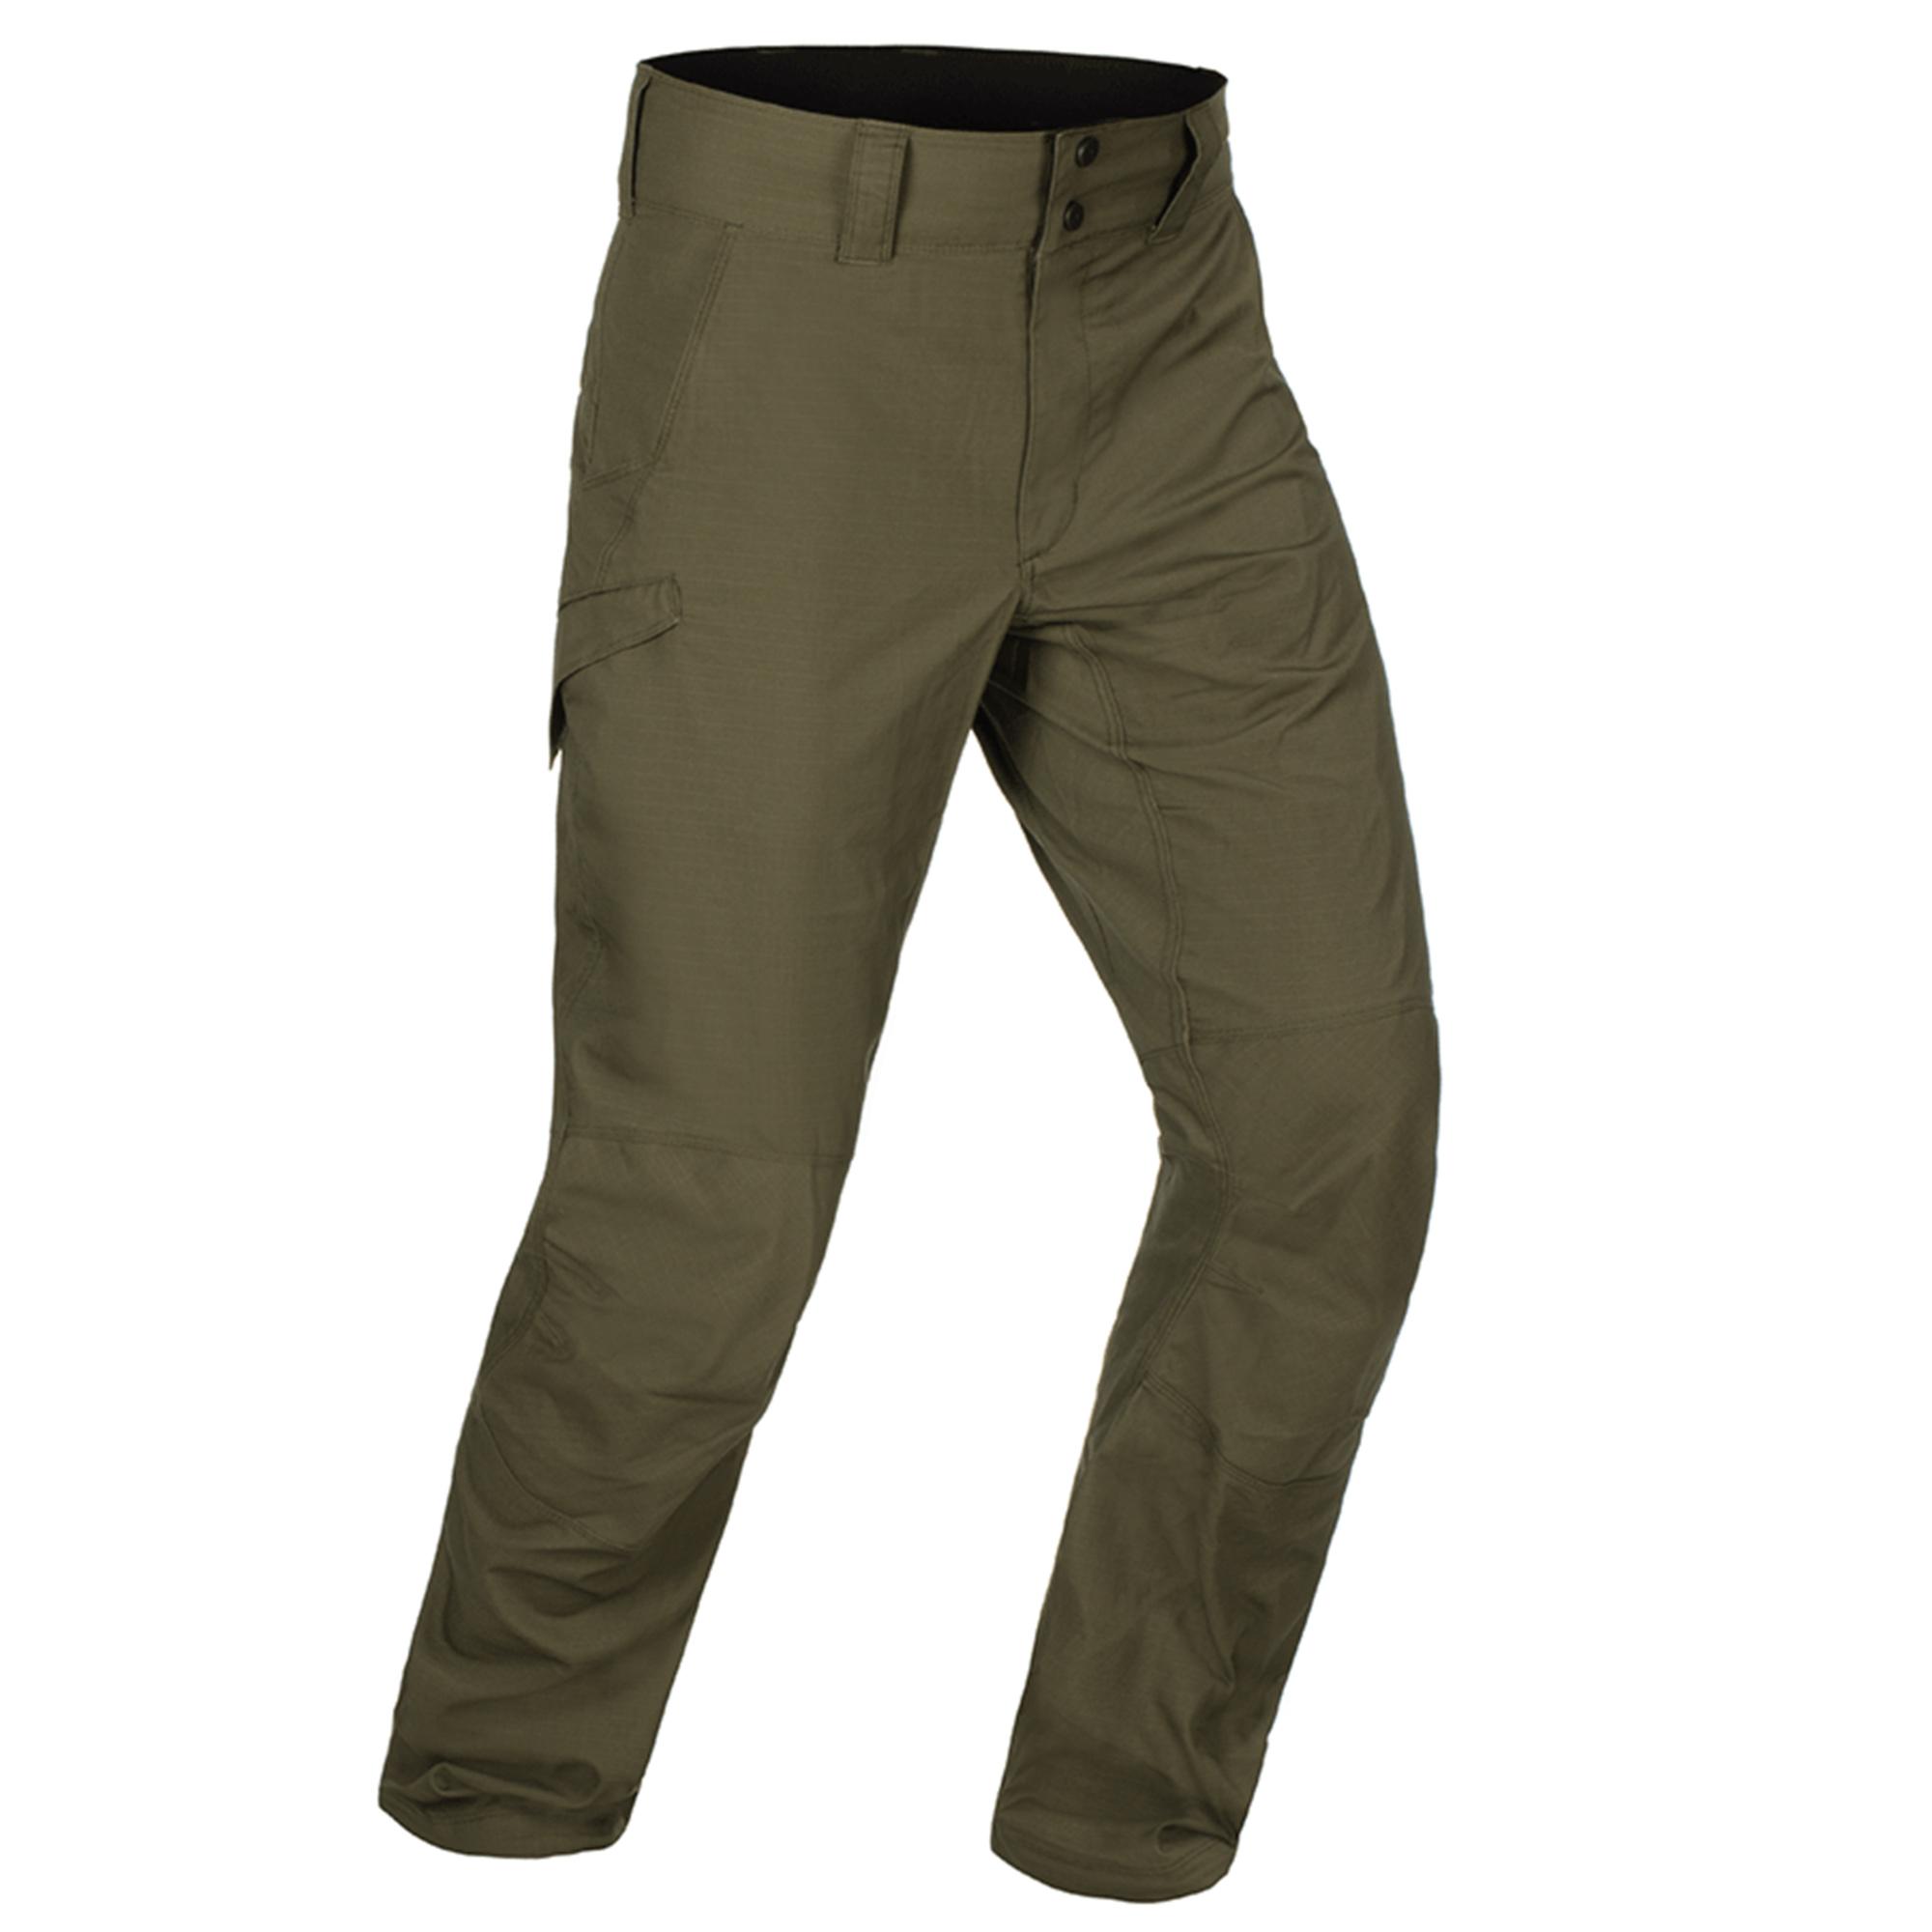 ClawGear Tactical Pant Defiant Flex steingrau oliv